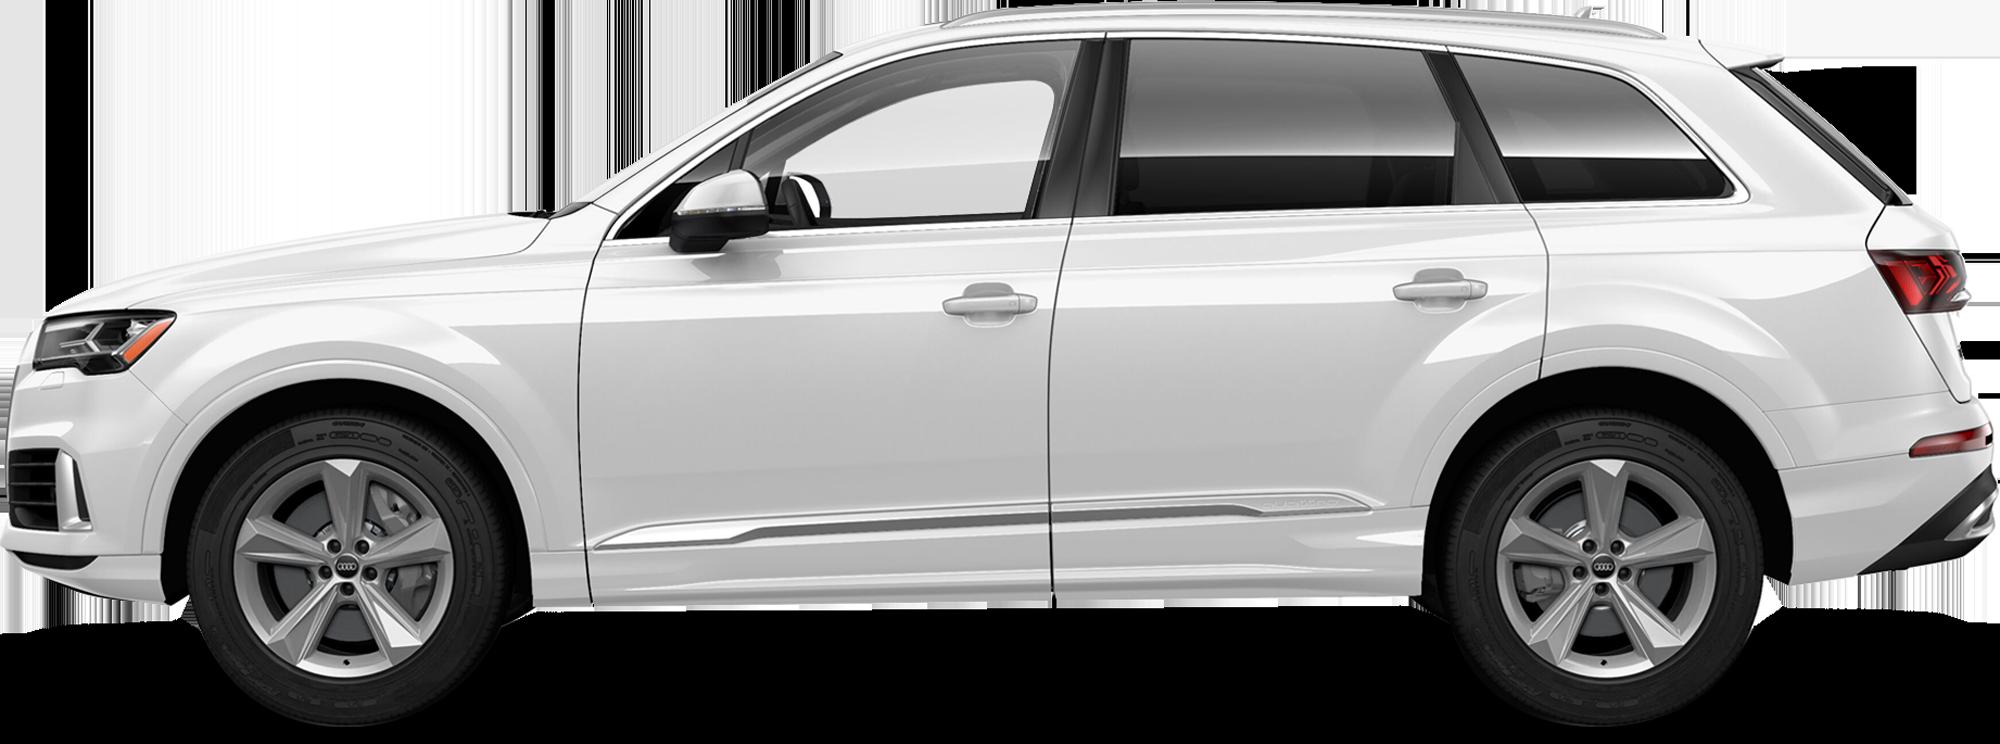 2021 Audi Q7 SUV 55 Premium